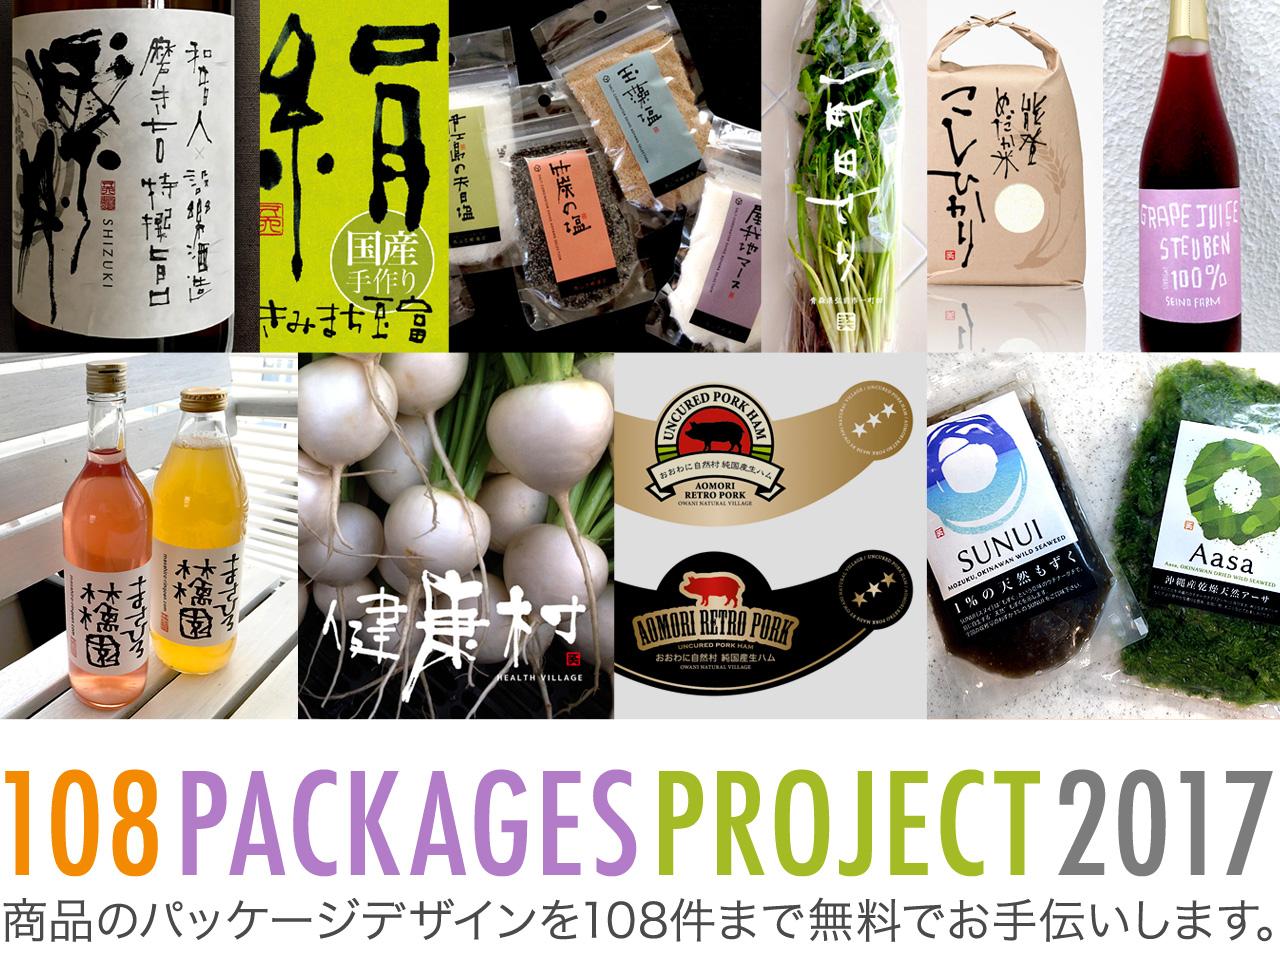 商品パッケージを無料でデザインするプロジェクト